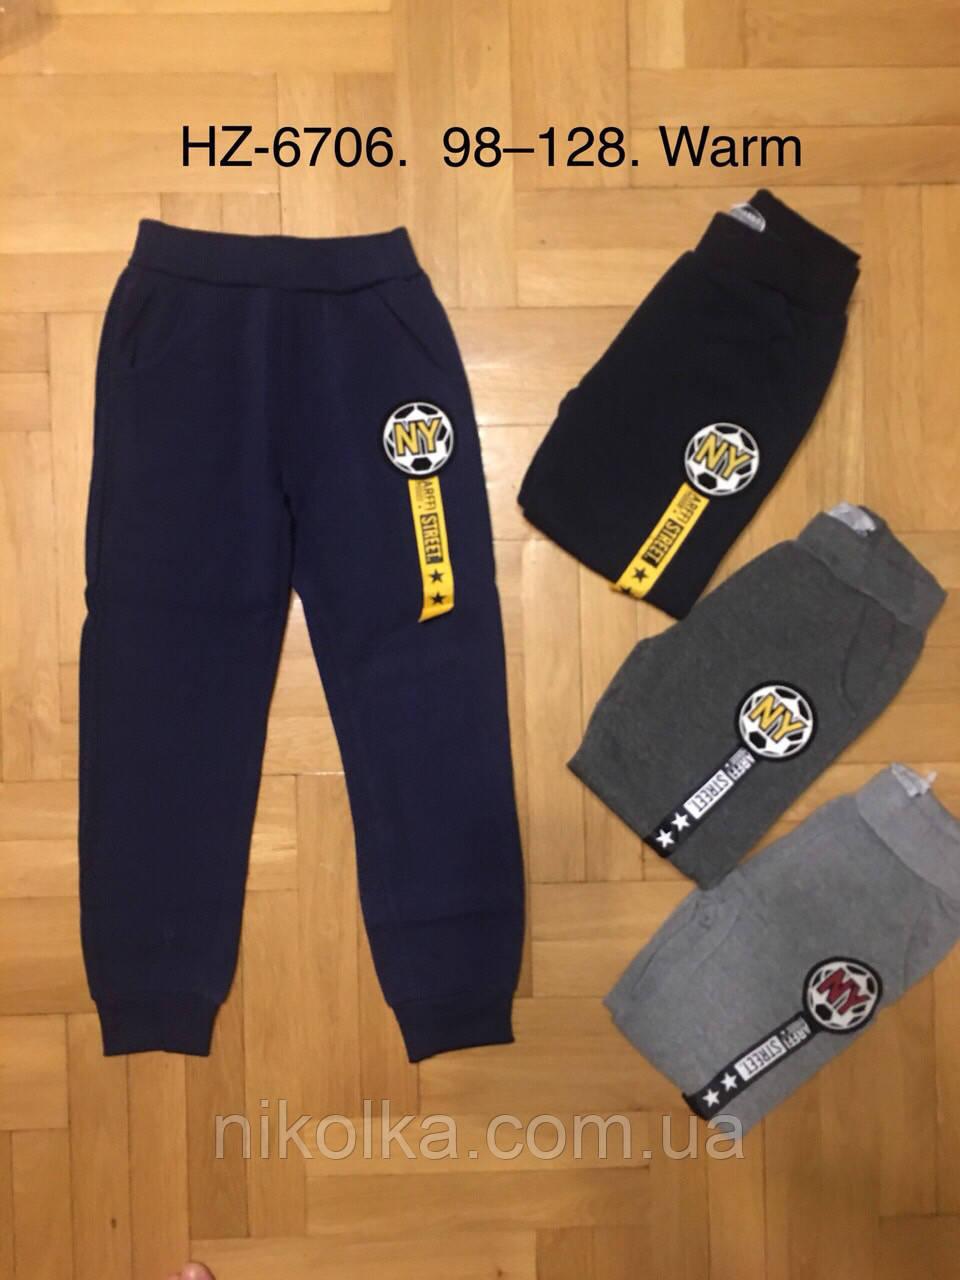 Спортивные брюки с начесом для мальчиков оптом, Active Sport, 98-128 рр., арт. HZ-6706